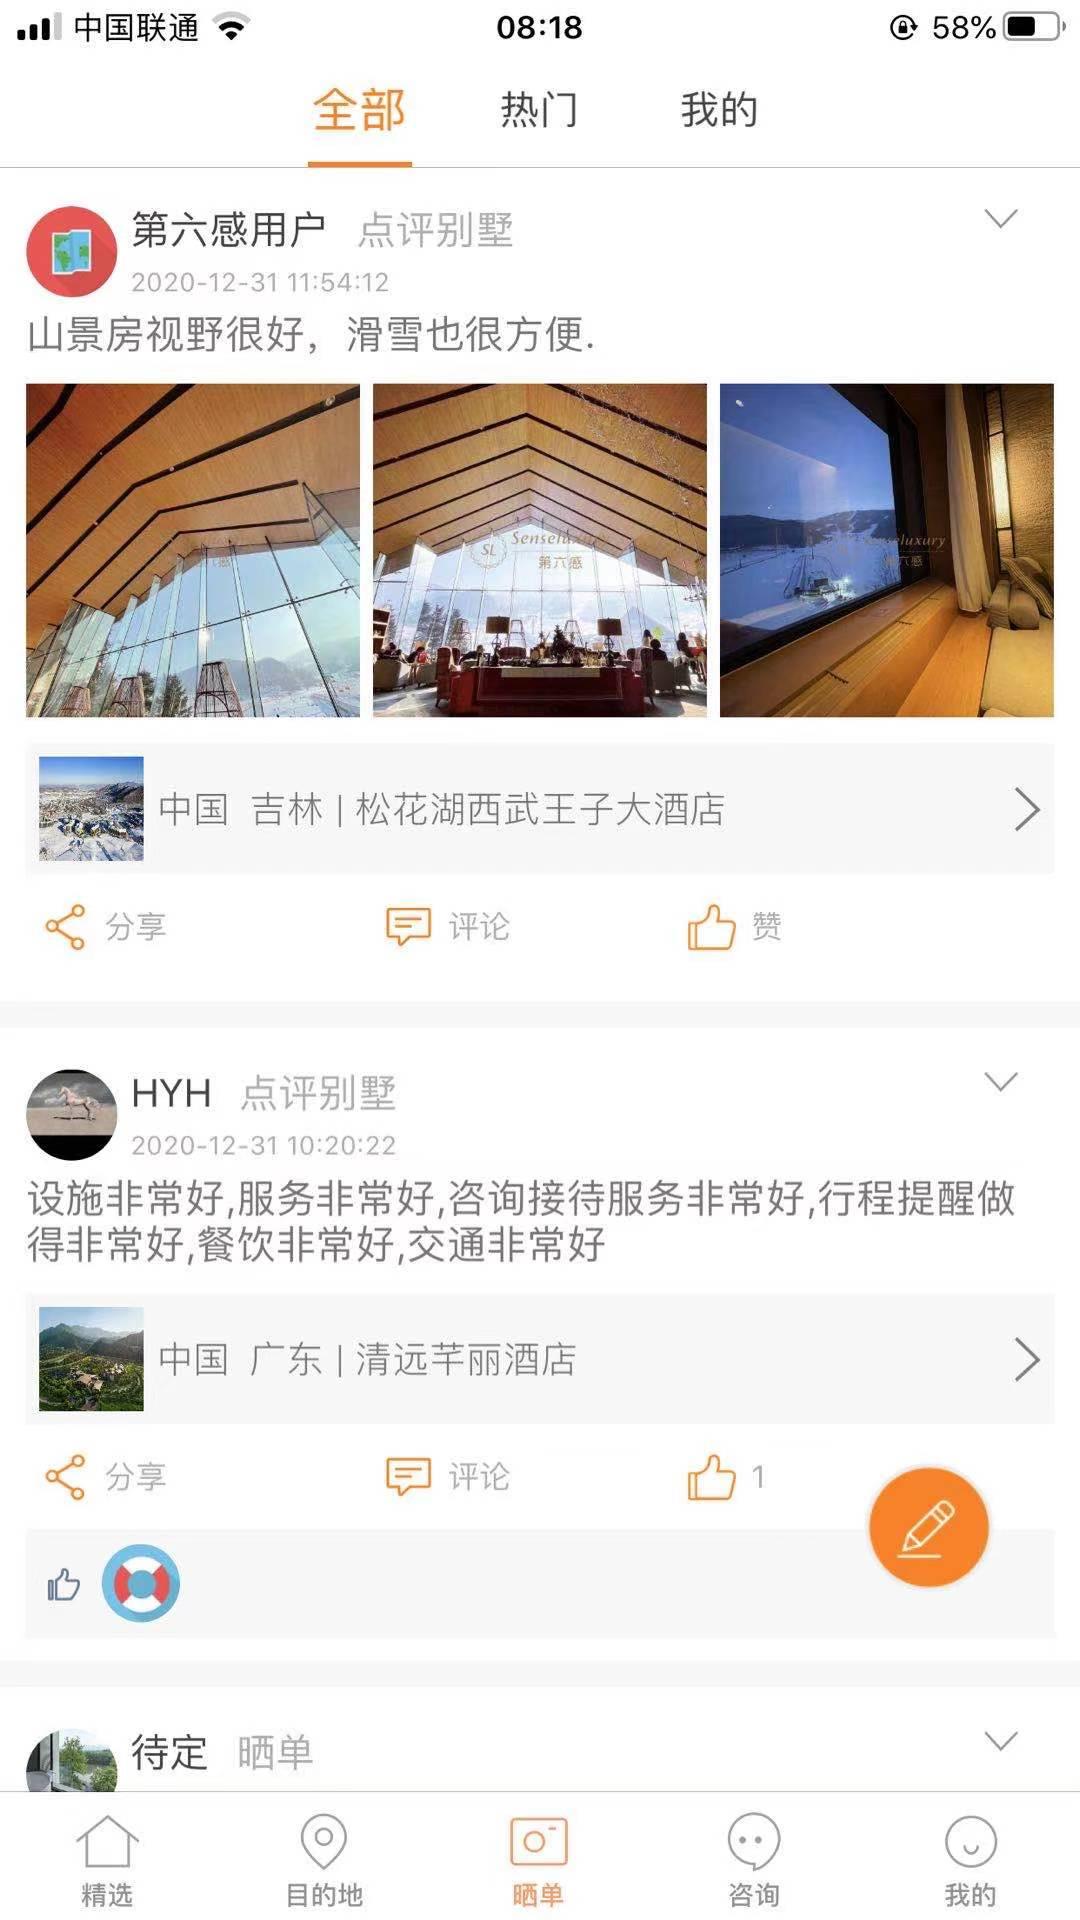 微信图片 202101051937511 别墅预定,线路预定,私人高端旅行app系统源码